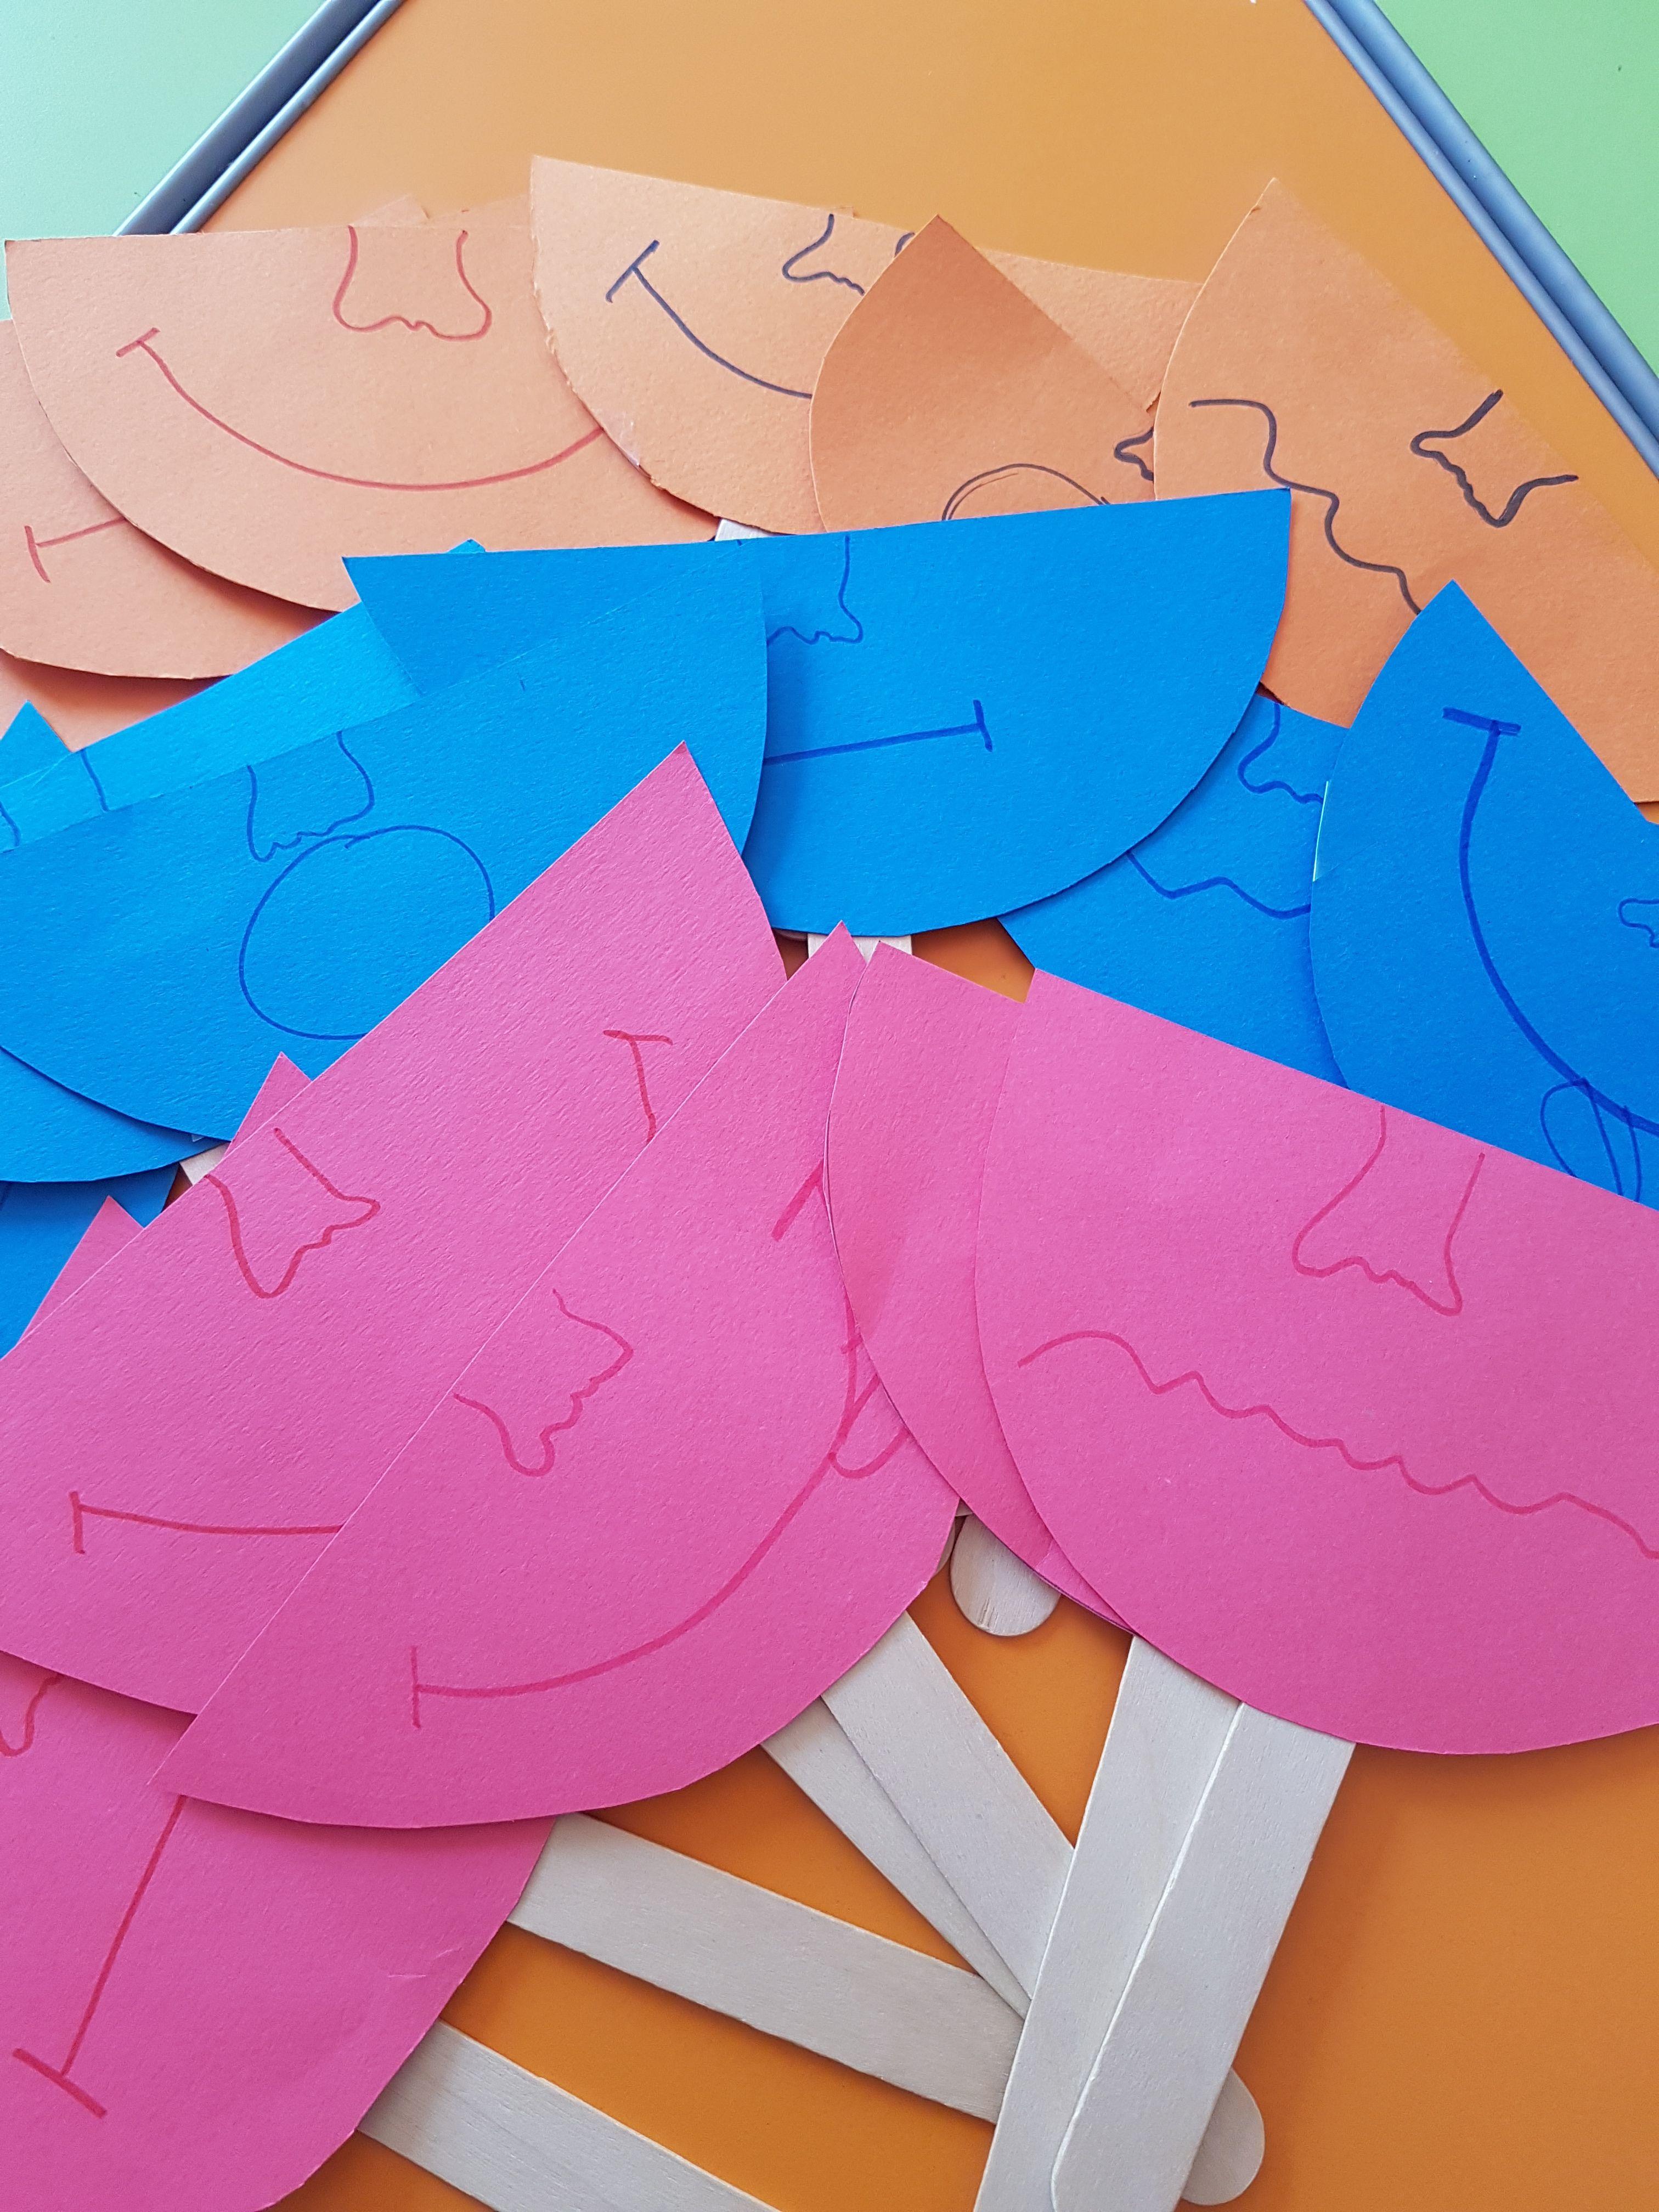 Emotion Masks For Kids